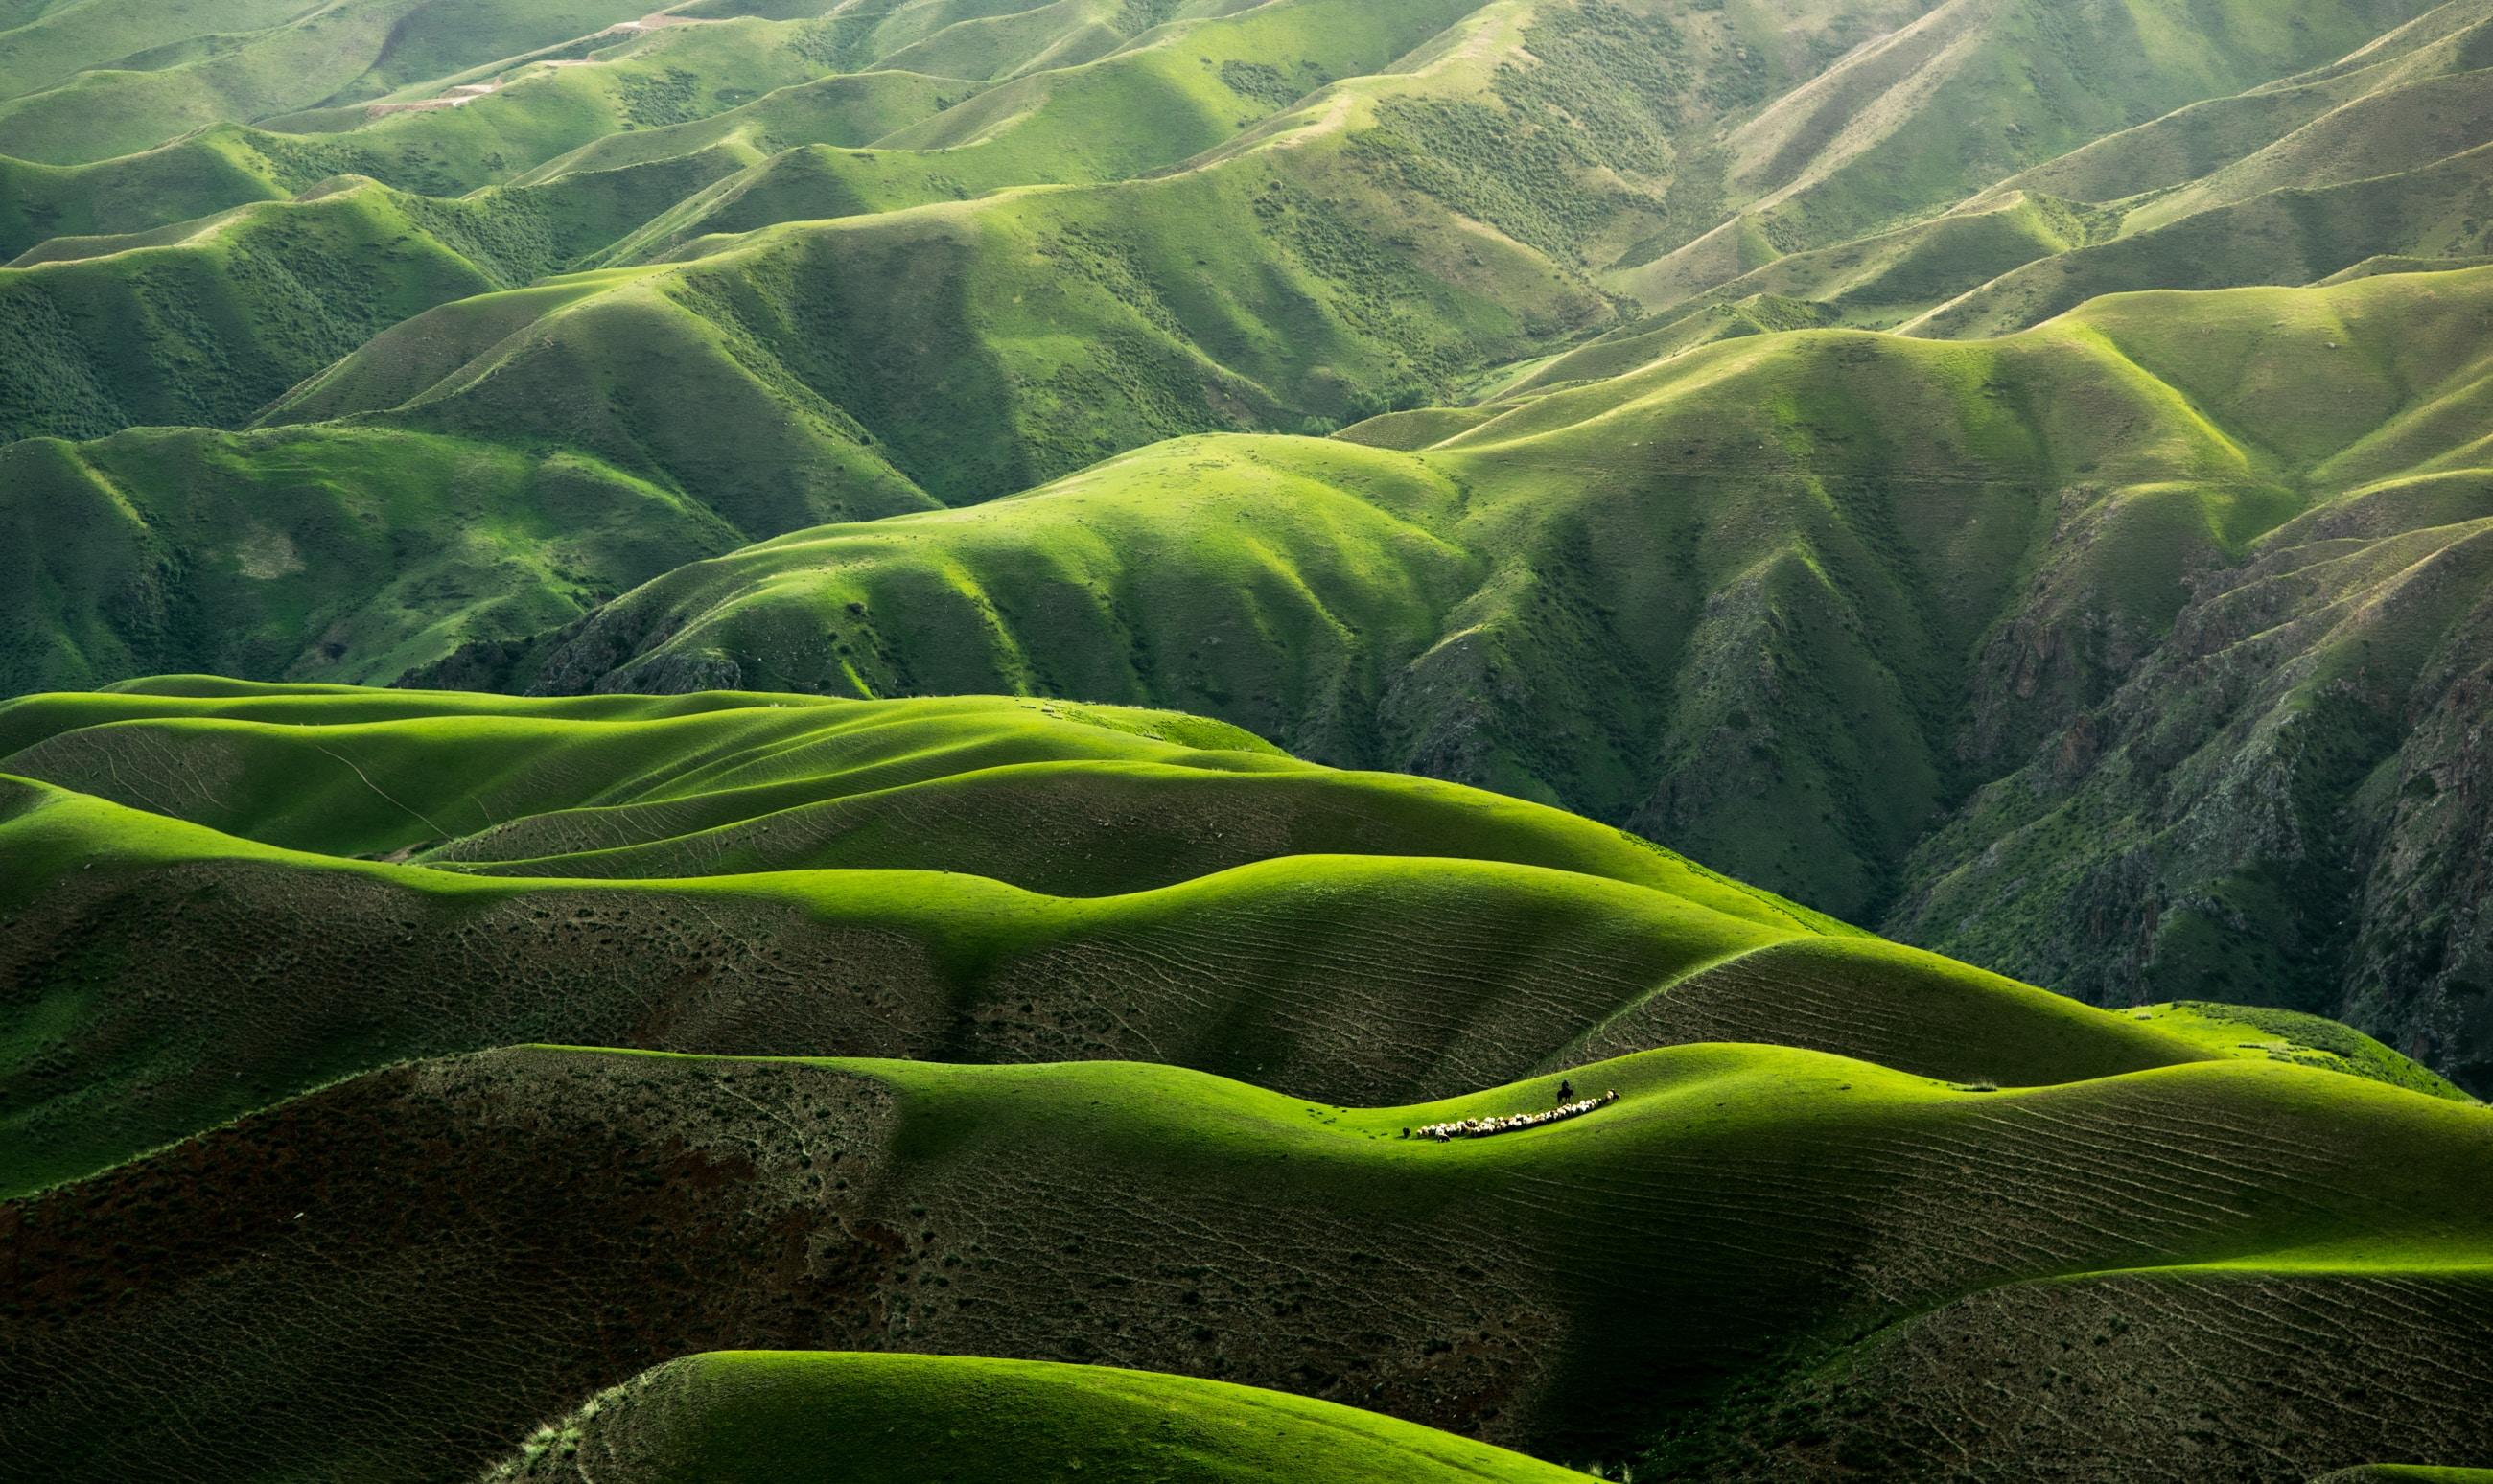 Birds Eye View Photograph Of Green Mountains